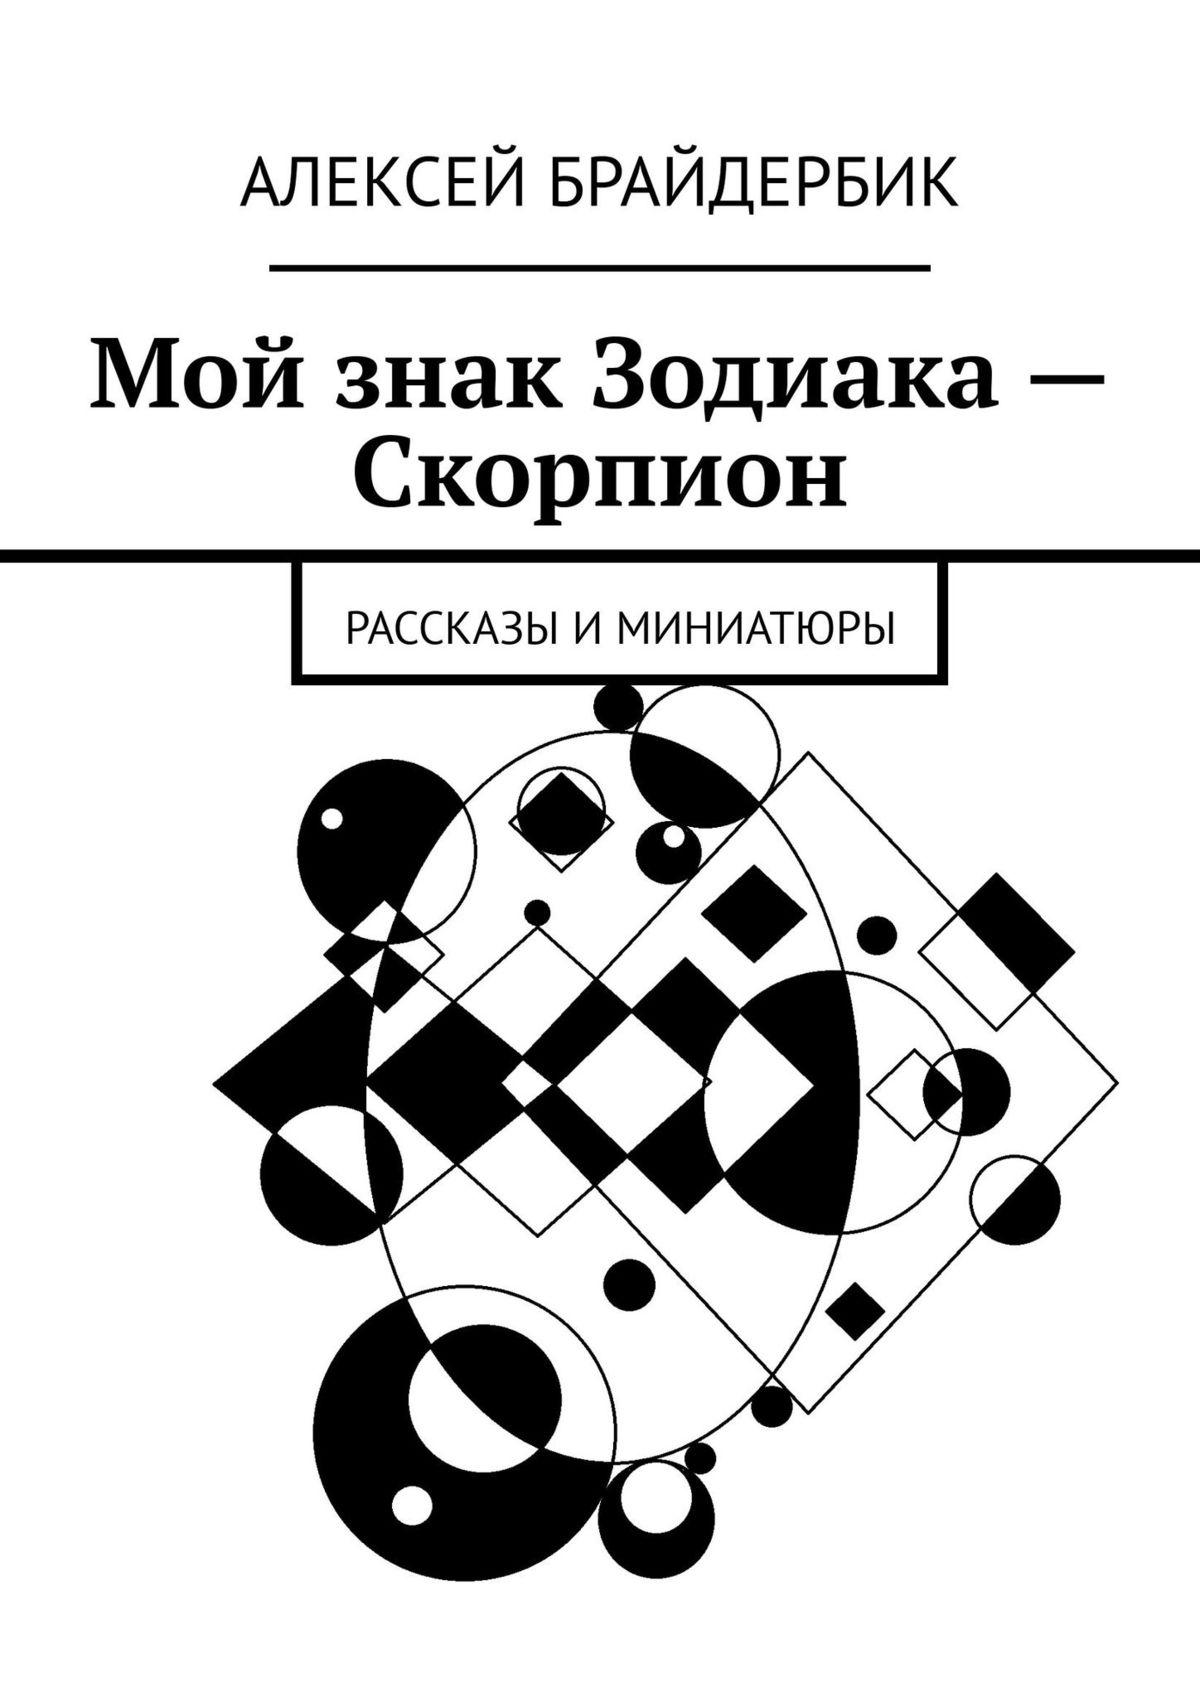 Алексей Брайдербик Мой знак Зодиака– Скорпион win 02 5зеркало серебр знак зодиака скорпион